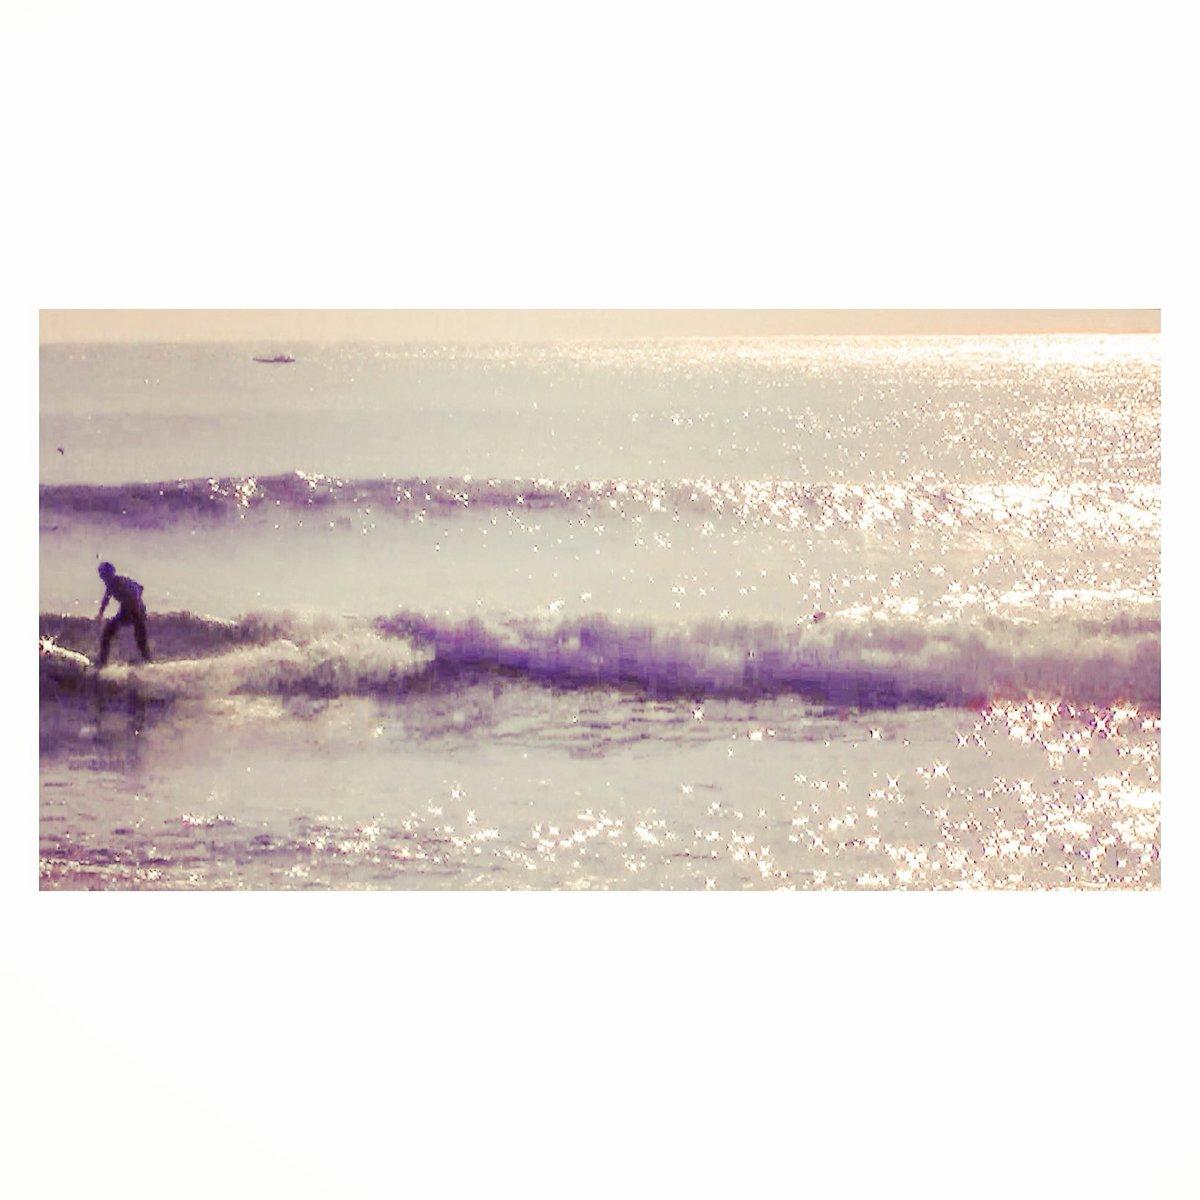 思い出が色あせるのは、  その地点から前に進んだ証  歳月の重さは思い出の重さ  One day, winter memories  2016.03. 千葉南 千歳   . #winter #memories #waves #south #いい波 #surfer #自然 #sもweekendsurfer #isafilm #youtube #1173isao  #photography #千葉  #japan